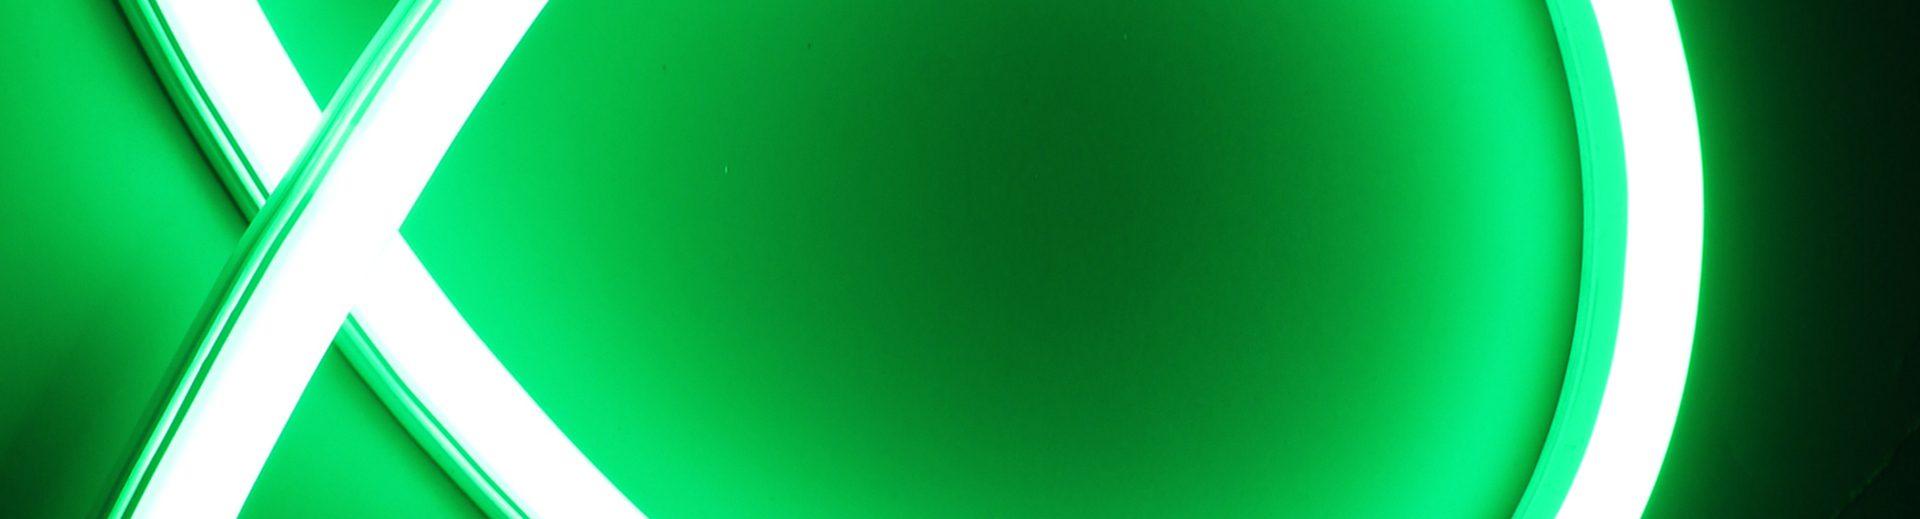 DuraFlex Arch RGB Side Flex_Banner